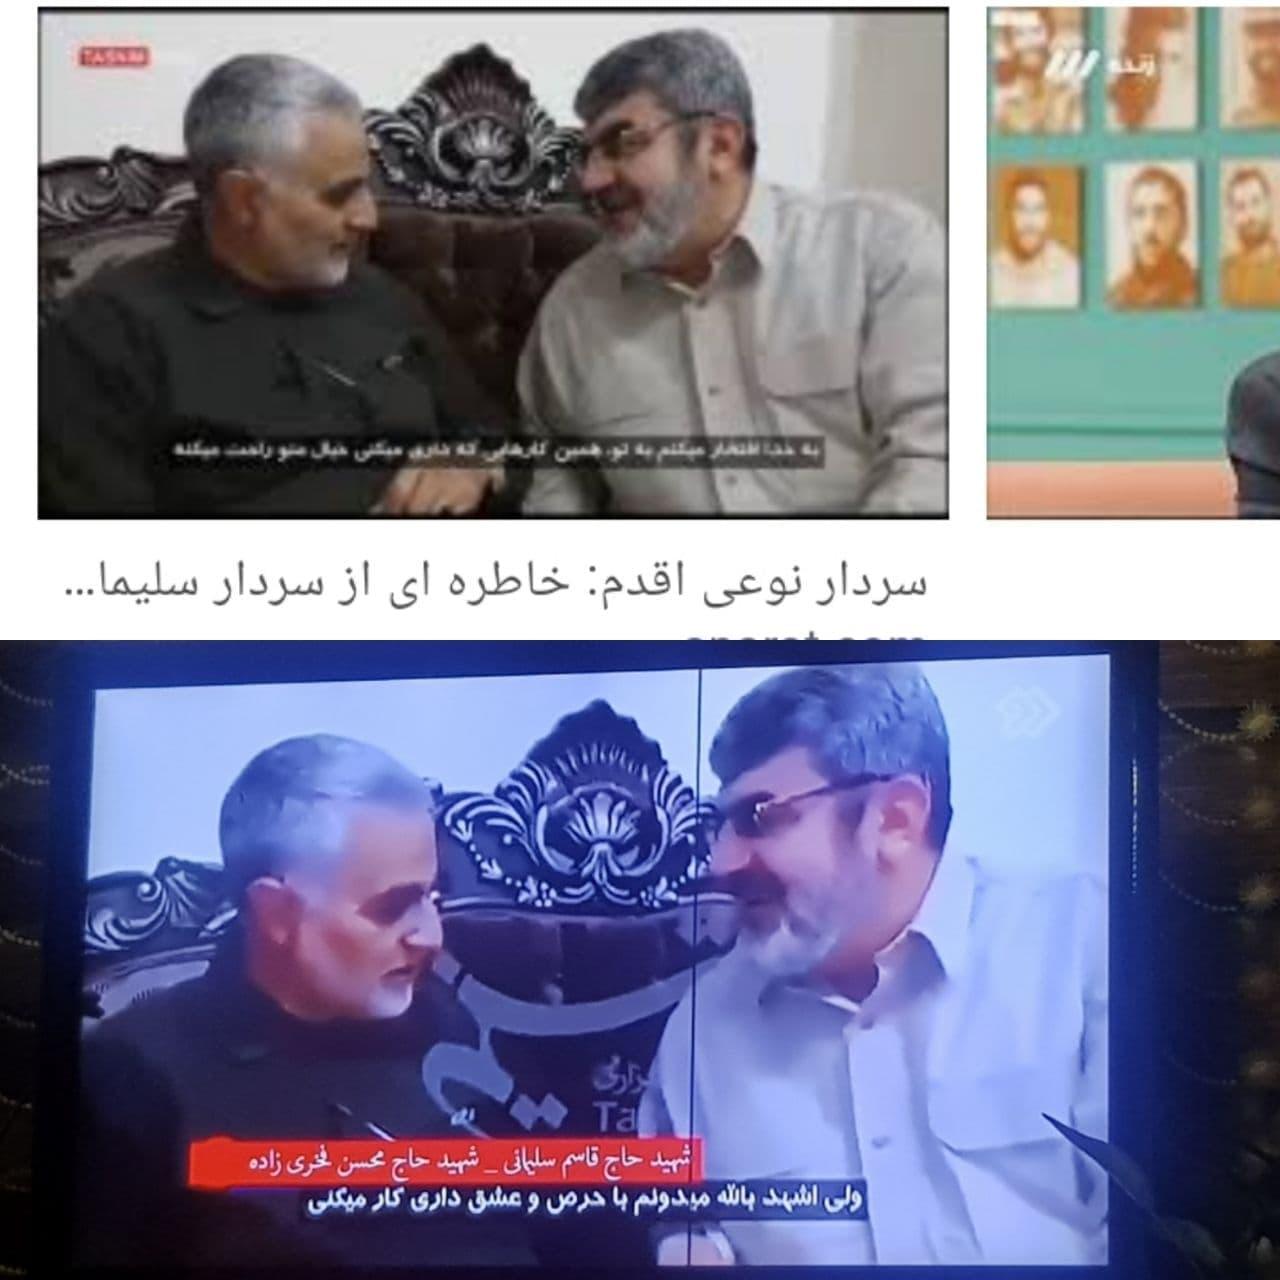 اشتباه فاحش تلویزیون درباره شهید فخری زاده